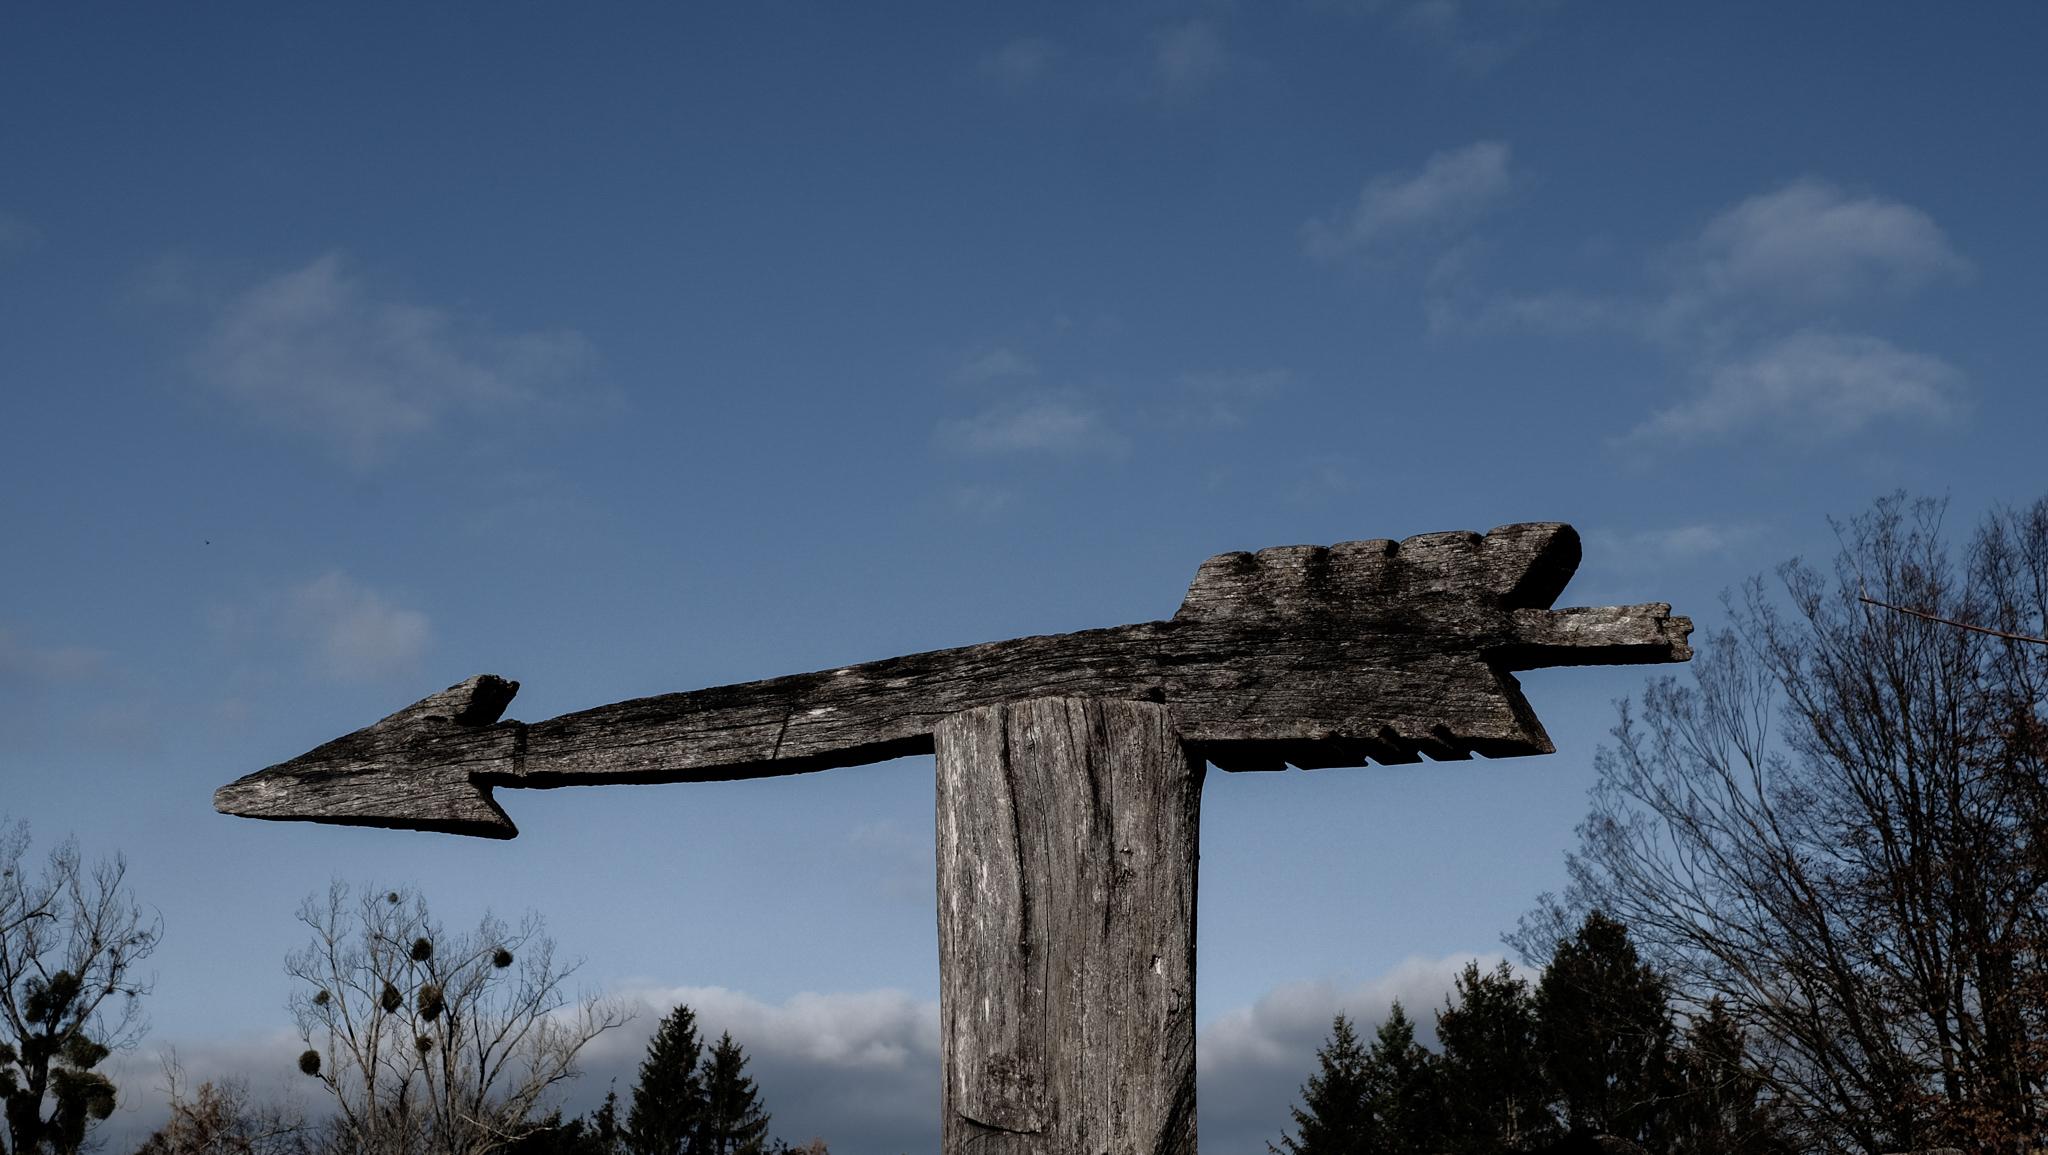 Der Pfeil aus Holz dient als Untermalung des Konzeptes Führ dich von Brita Nerz Coaching